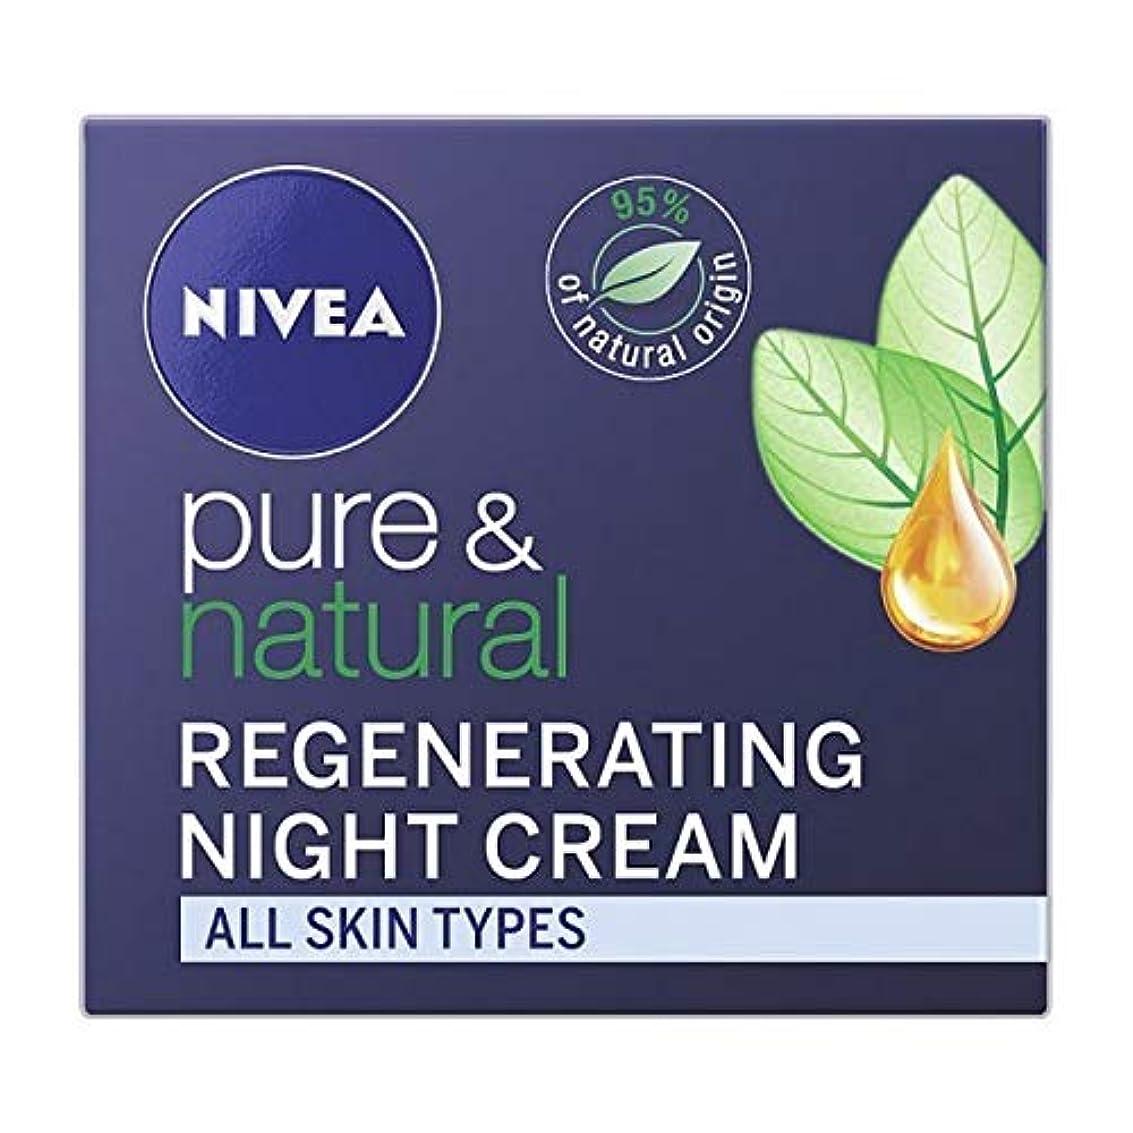 前奏曲水没理想的[Nivea ] ニベアピュア&ナチュラル夜の顔のクリーム、50ミリリットル - NIVEA Pure & Natural Night Face Cream, 50ml [並行輸入品]